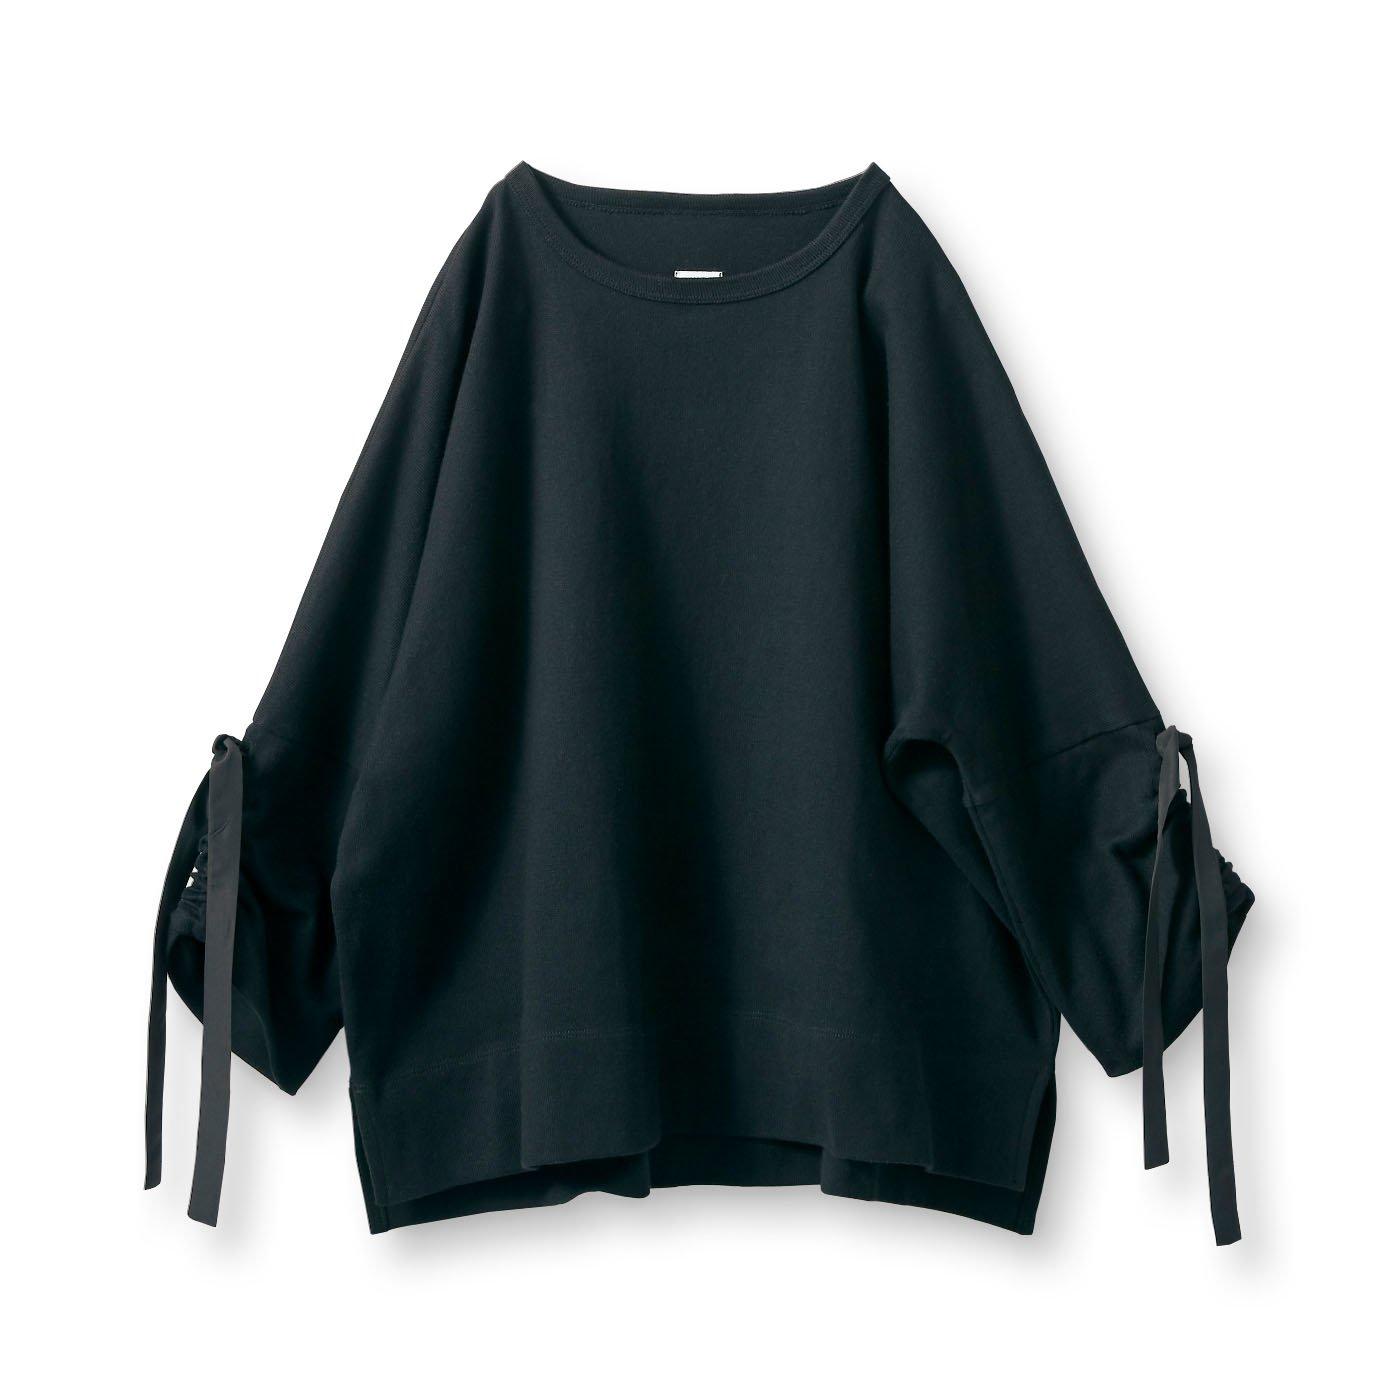 アヴェクモワ 袖にリボントップス〈黒〉